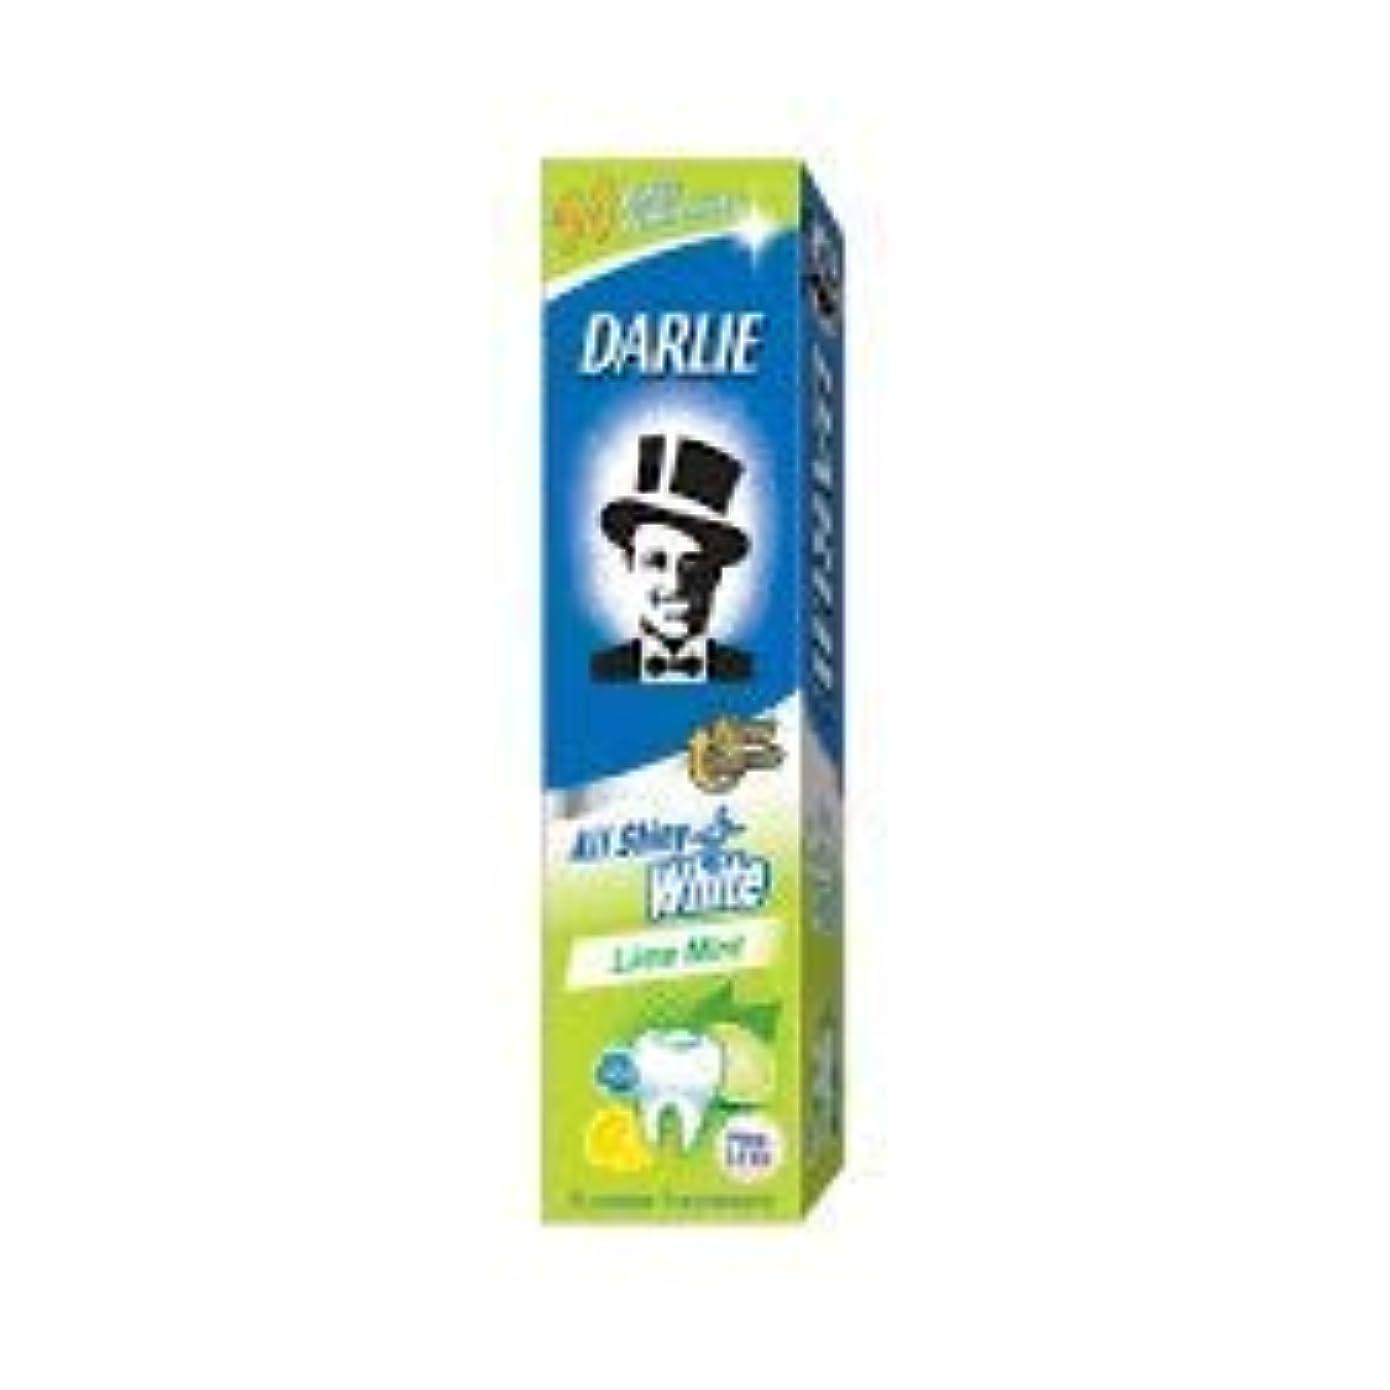 運搬在庫工場DARLIE 歯磨き粉すべての光沢のあるホワイトライムミント140g - 虫歯と戦い、歯を保護するフッ化物を含みます